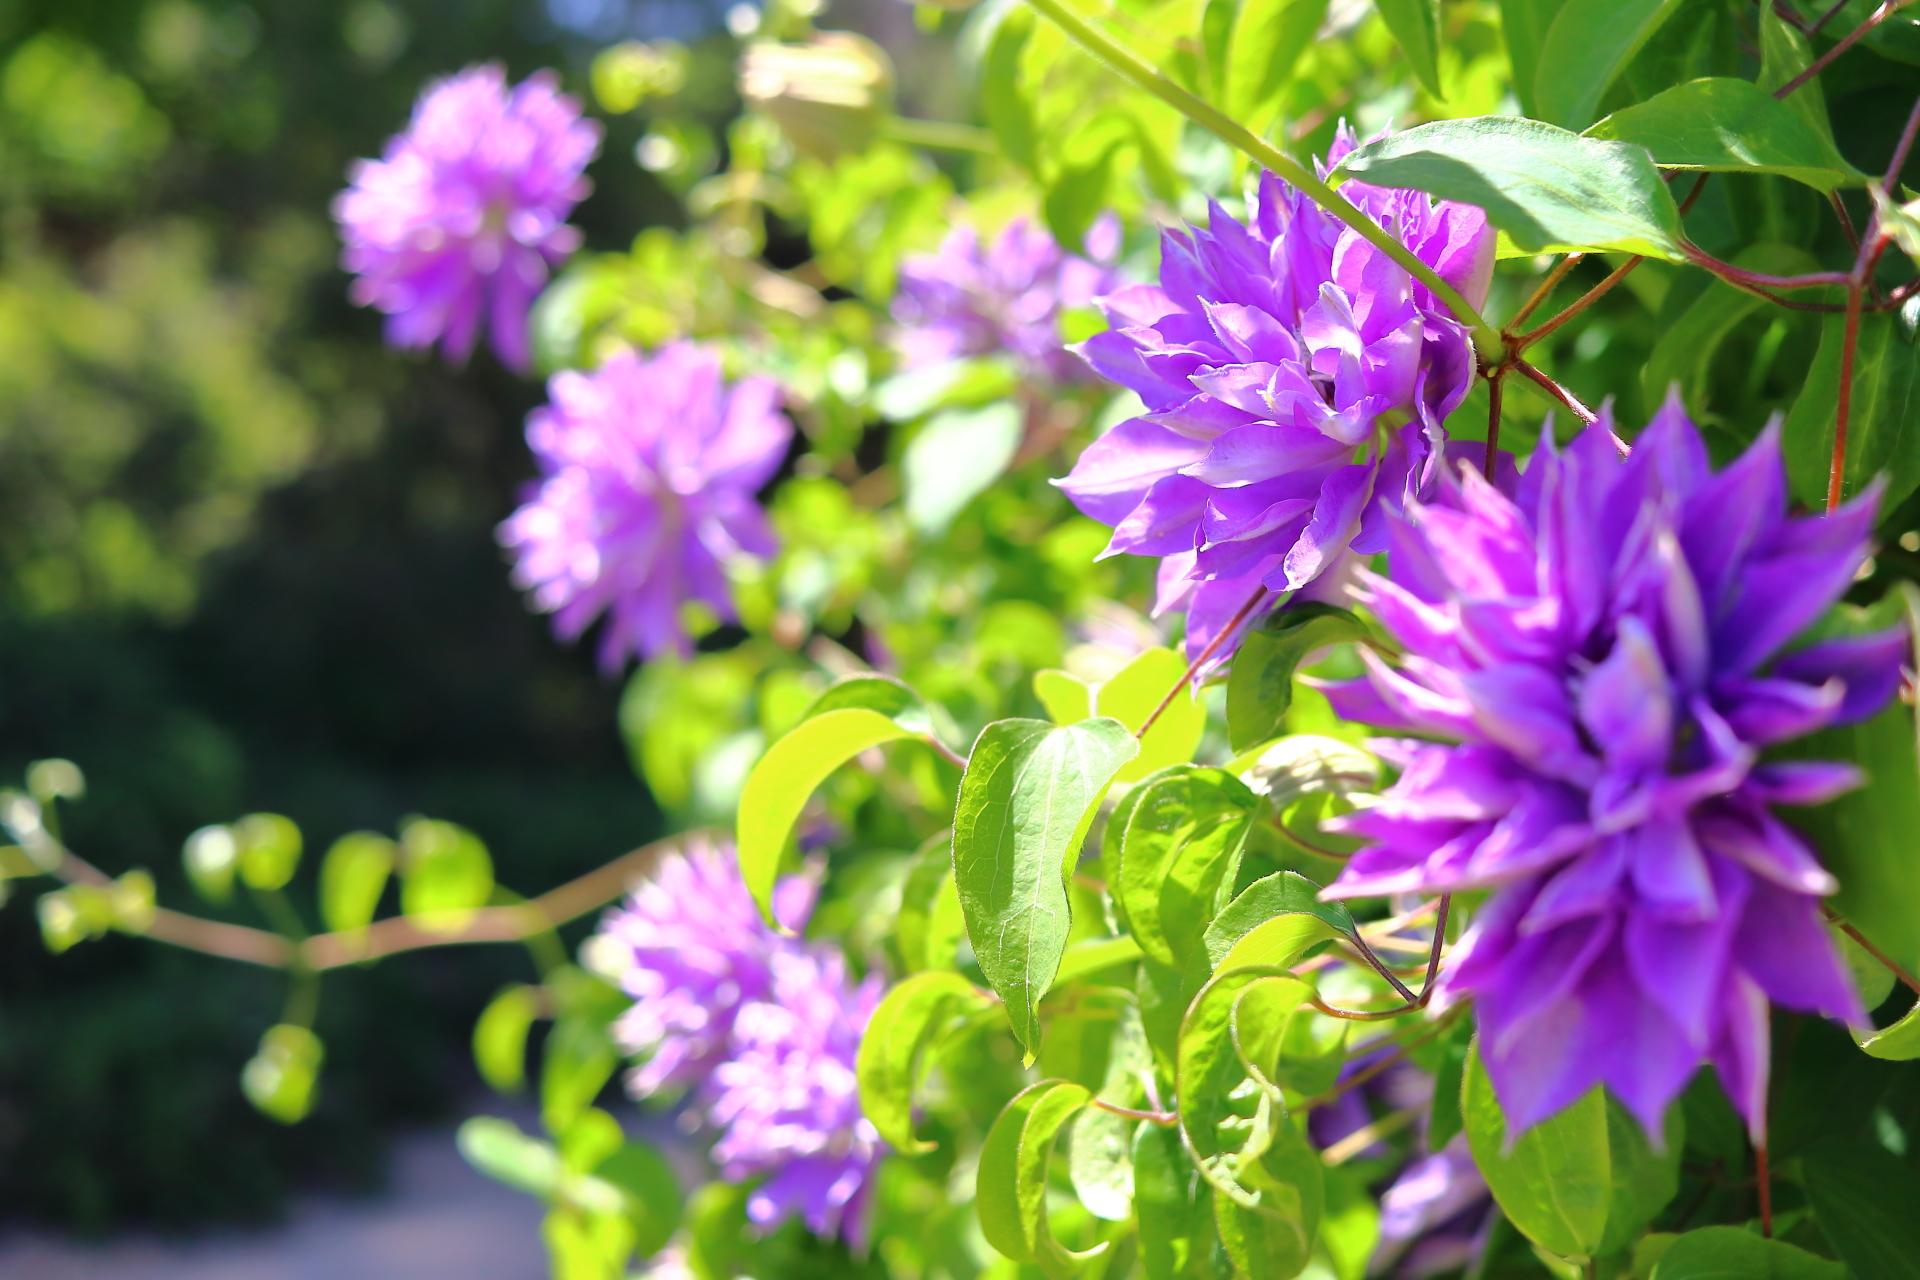 京都府立植物園 5月 春 紫の花